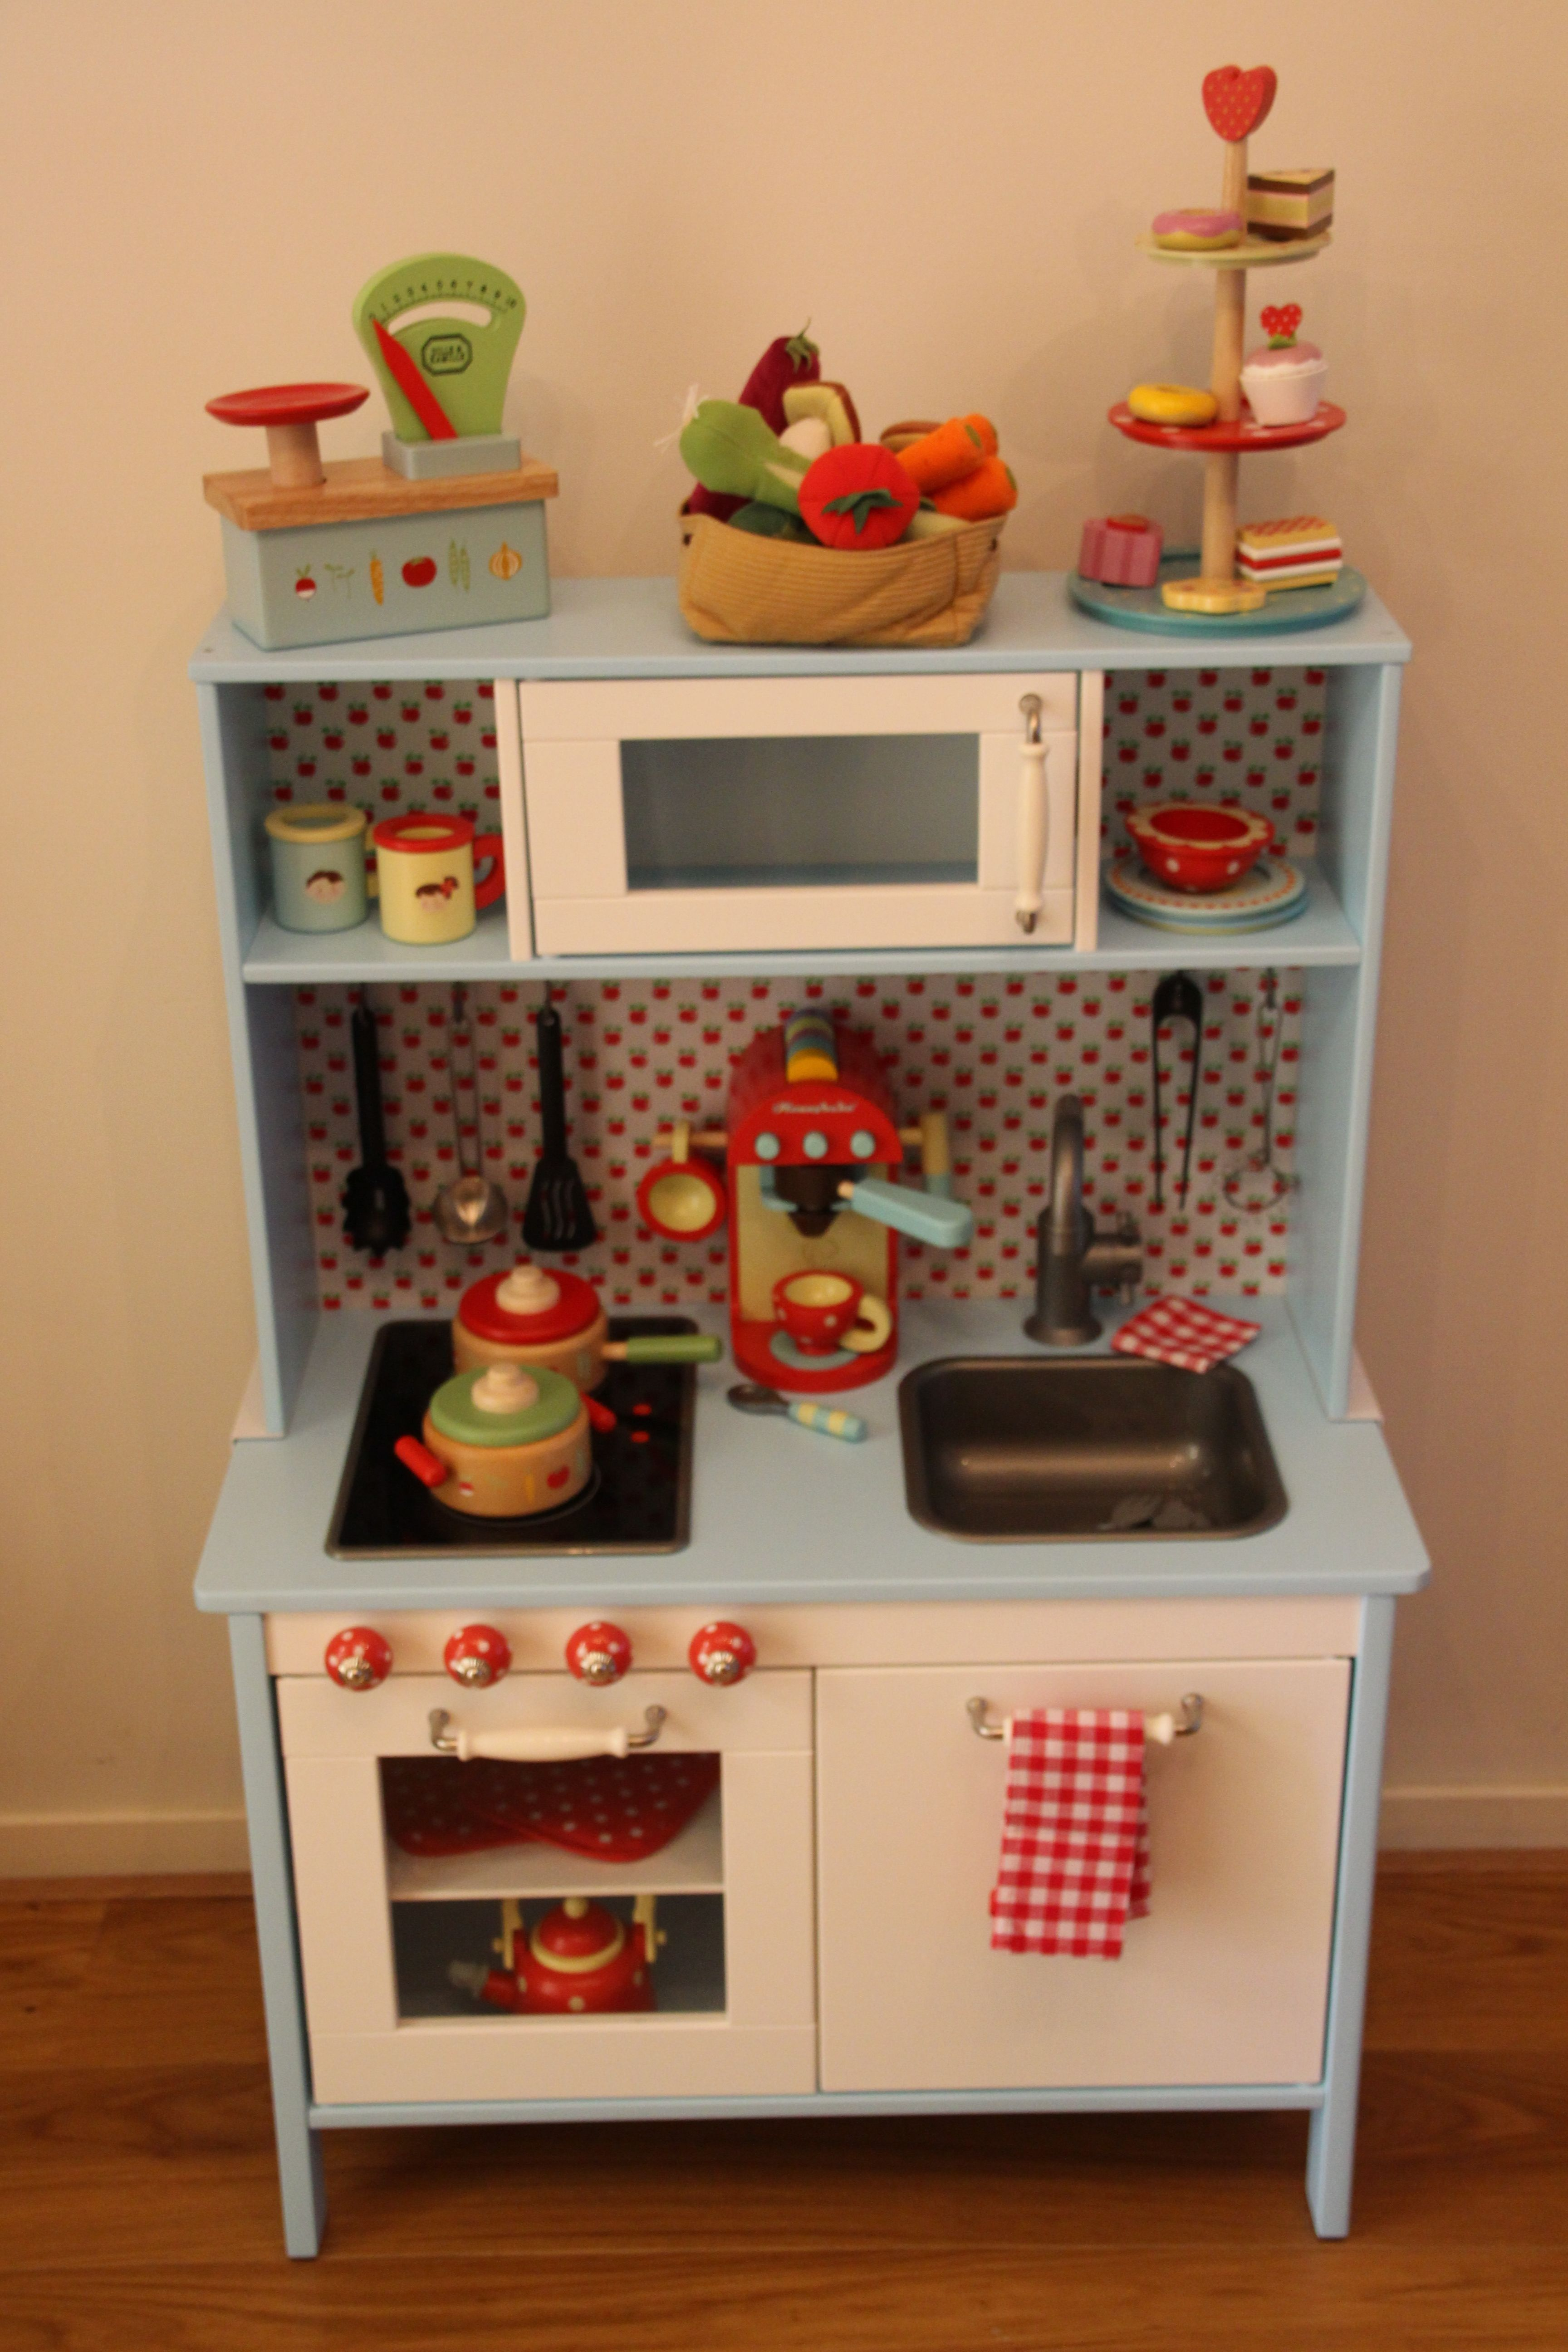 Amazing Children Cooking Set in 2020 Childrens kitchens